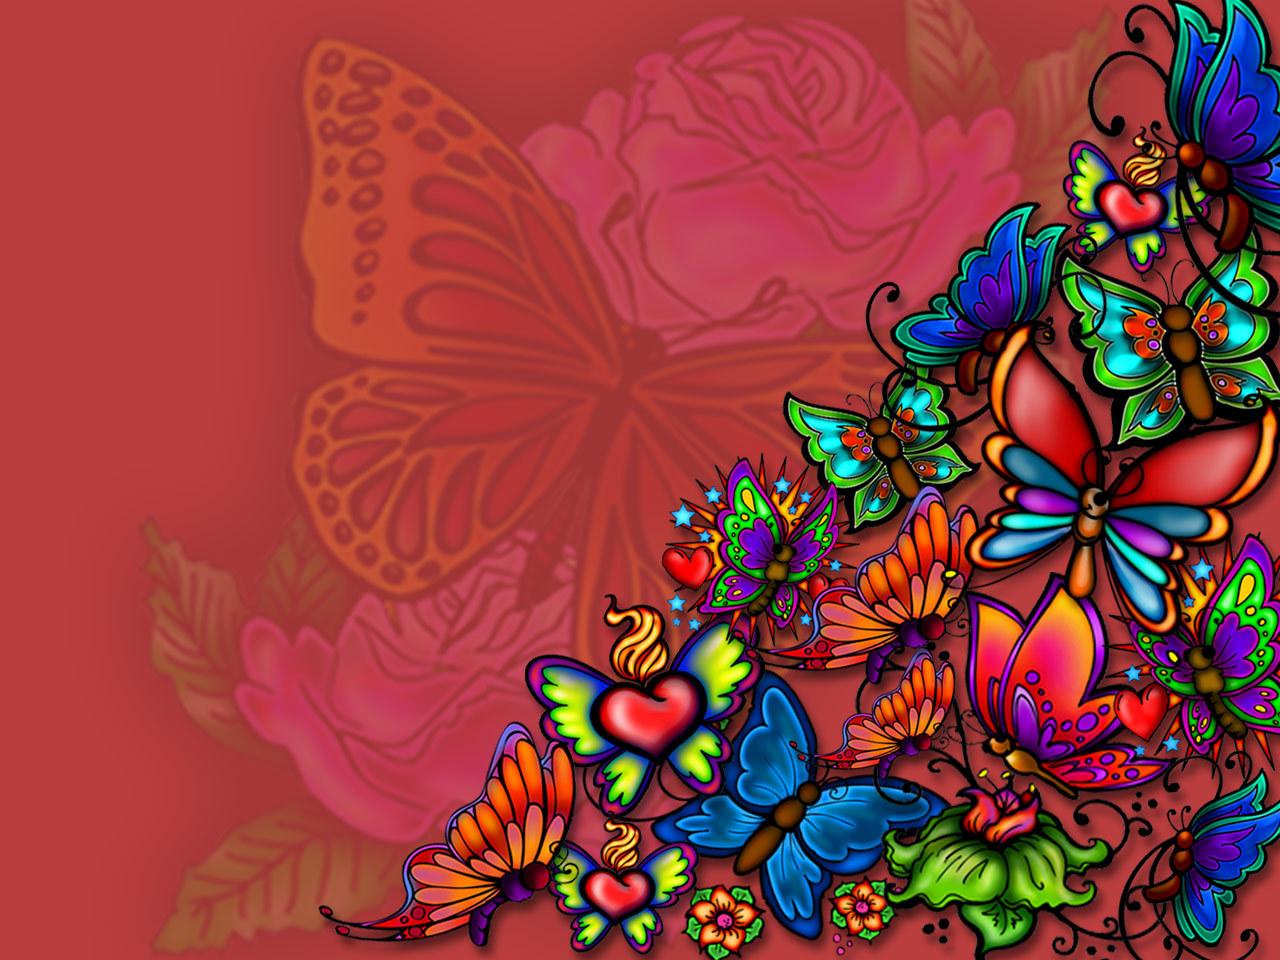 butterflies tattoo HD wallpaper and background photos 18409603 1280x960